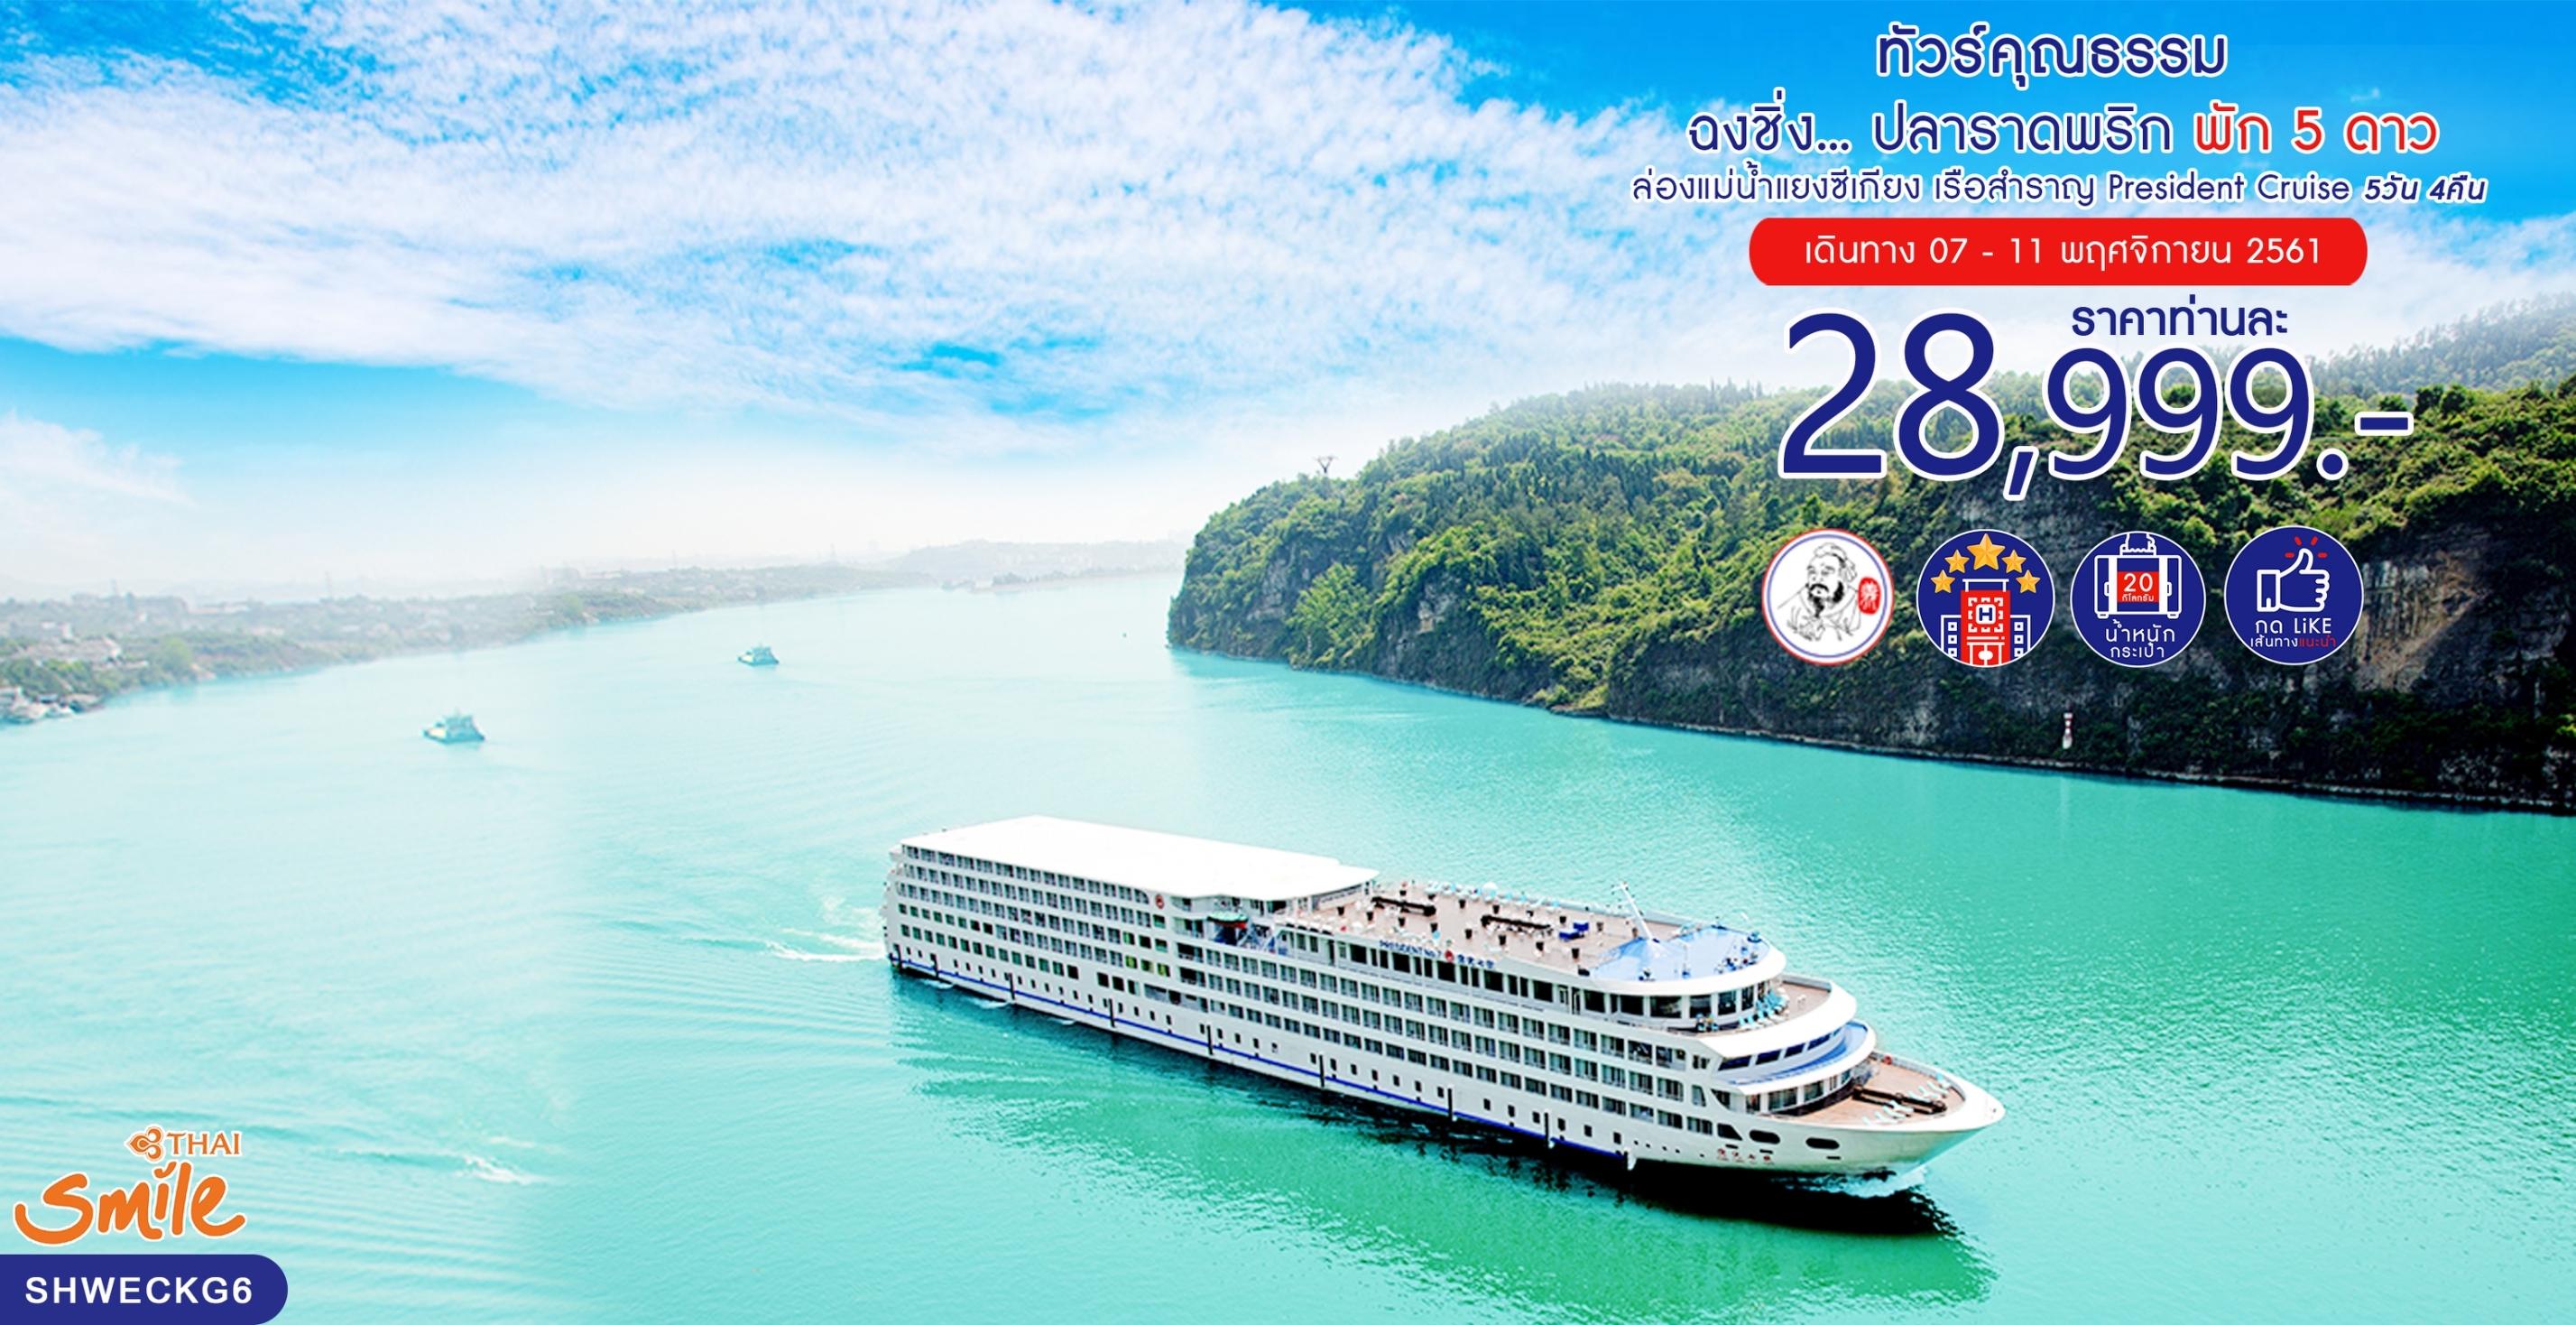 ทัวร์จีน ทัวร์คุณธรรม ทัวร์ฉงชิ่ง...ปลาราดพริก ล่องแม่น้ำแยงซีเกียง เรือสำราญ President Cruise 5 วัน 4 คืน (WE)